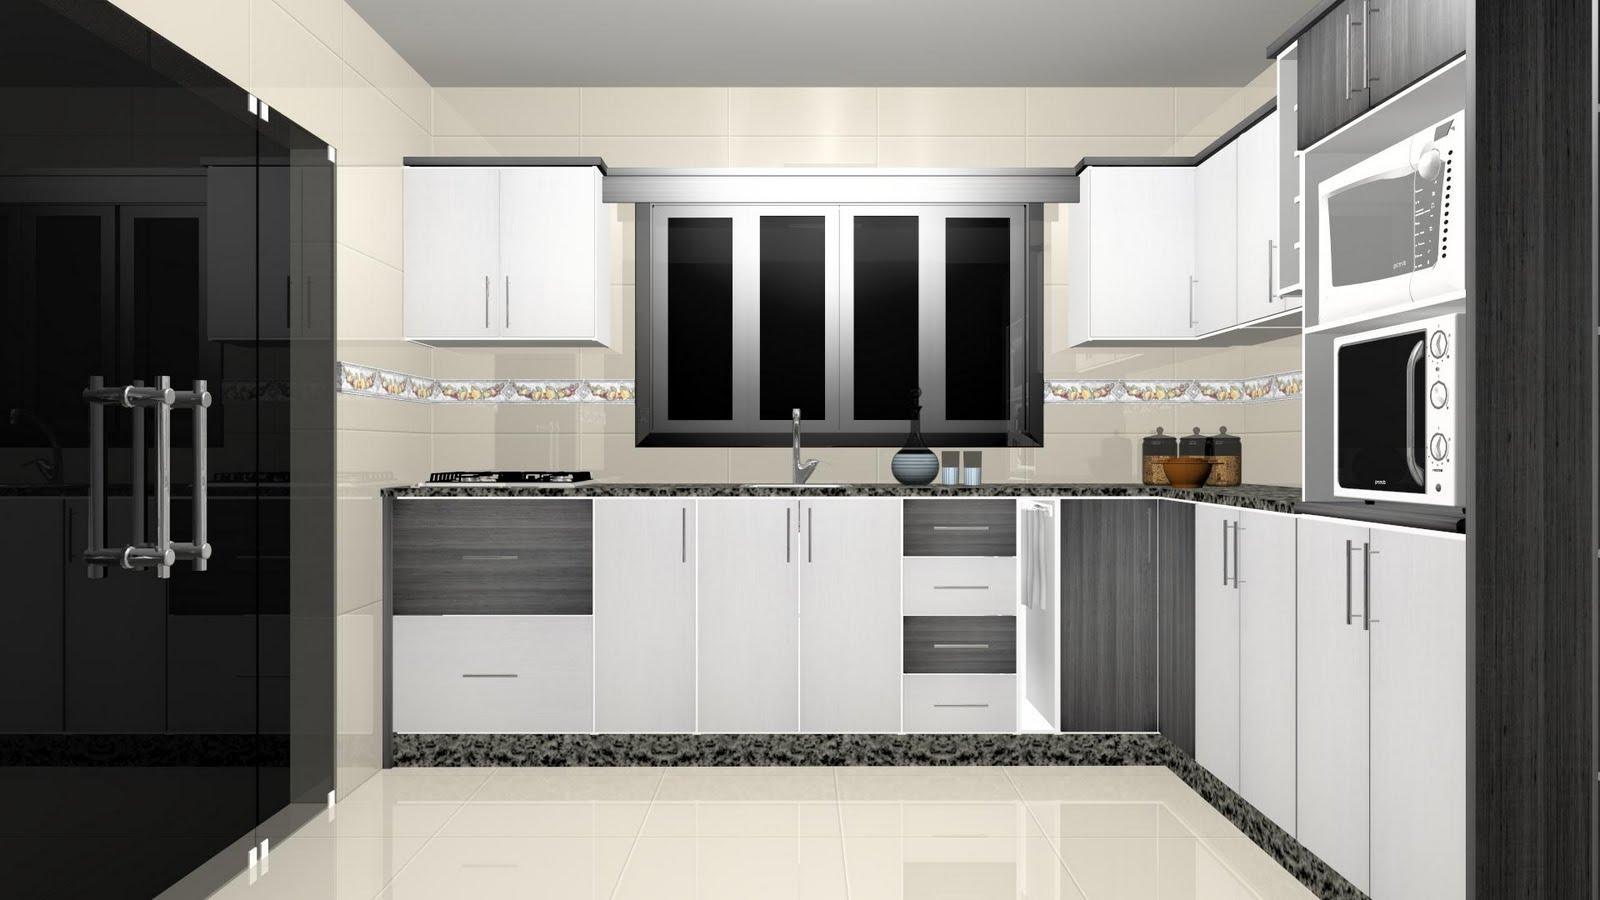 Espaço Nobre Design: Cozinha (Rafia Cinza Montego Blanc) #5B4E41 1600 900